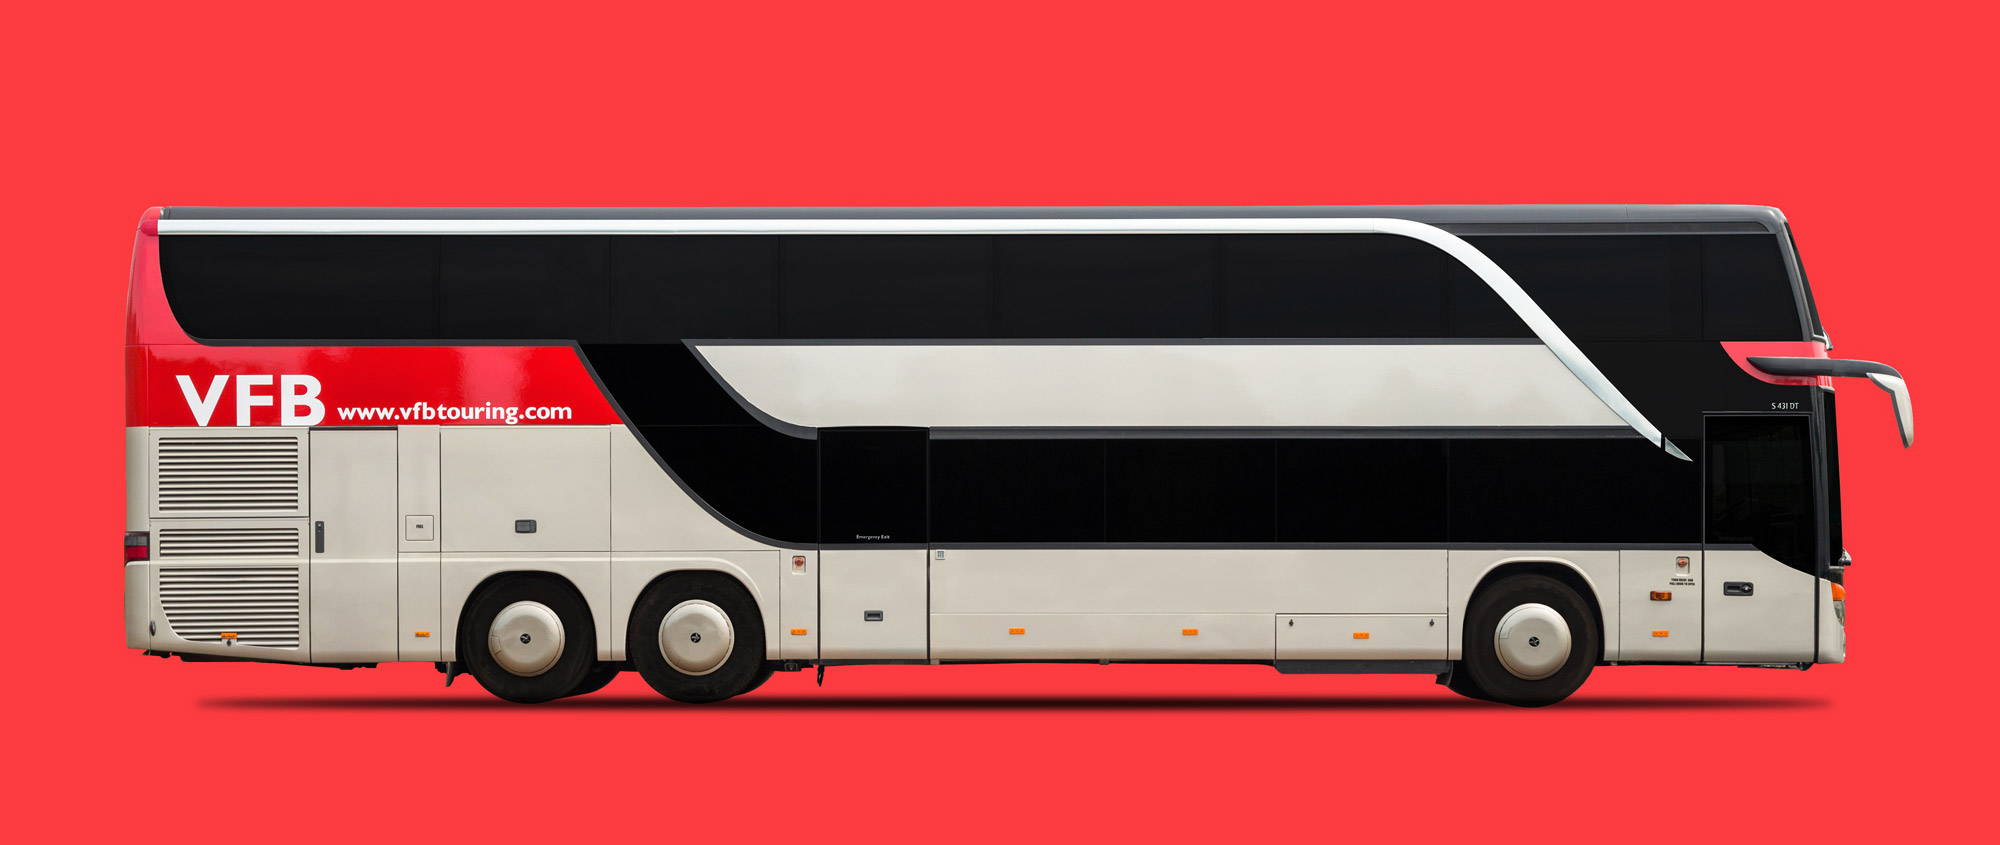 Premium 16 Berth Sleeper Bus Hire Vfb Touring